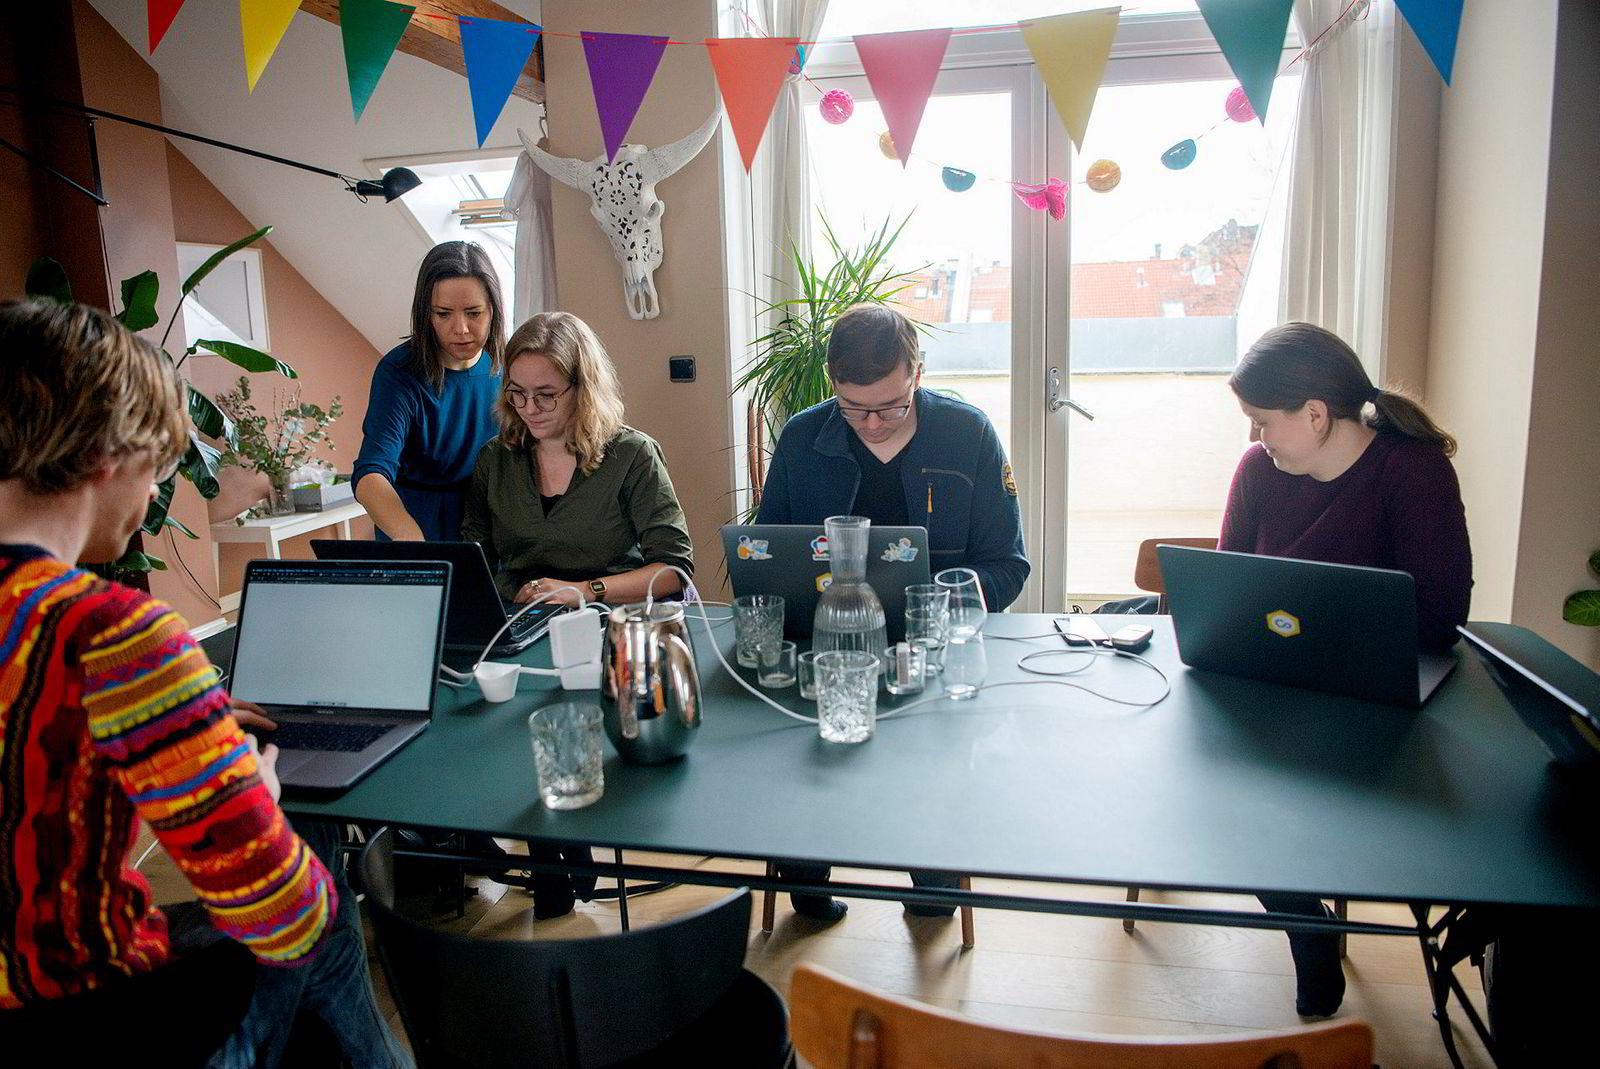 Den norske startupen har endelig fått et glimt av den forjettede «hockeykølle-veksten» mange gründere drømmer om, men det medfører en del arbeid. Nå jobber samtlige ansatte med support. Fra venstre: Paul Verbeek-Mast, Ida Aalen, Marie Røthing Hørlyck, Dag-Inge Aas og Ingvild Inderbø.